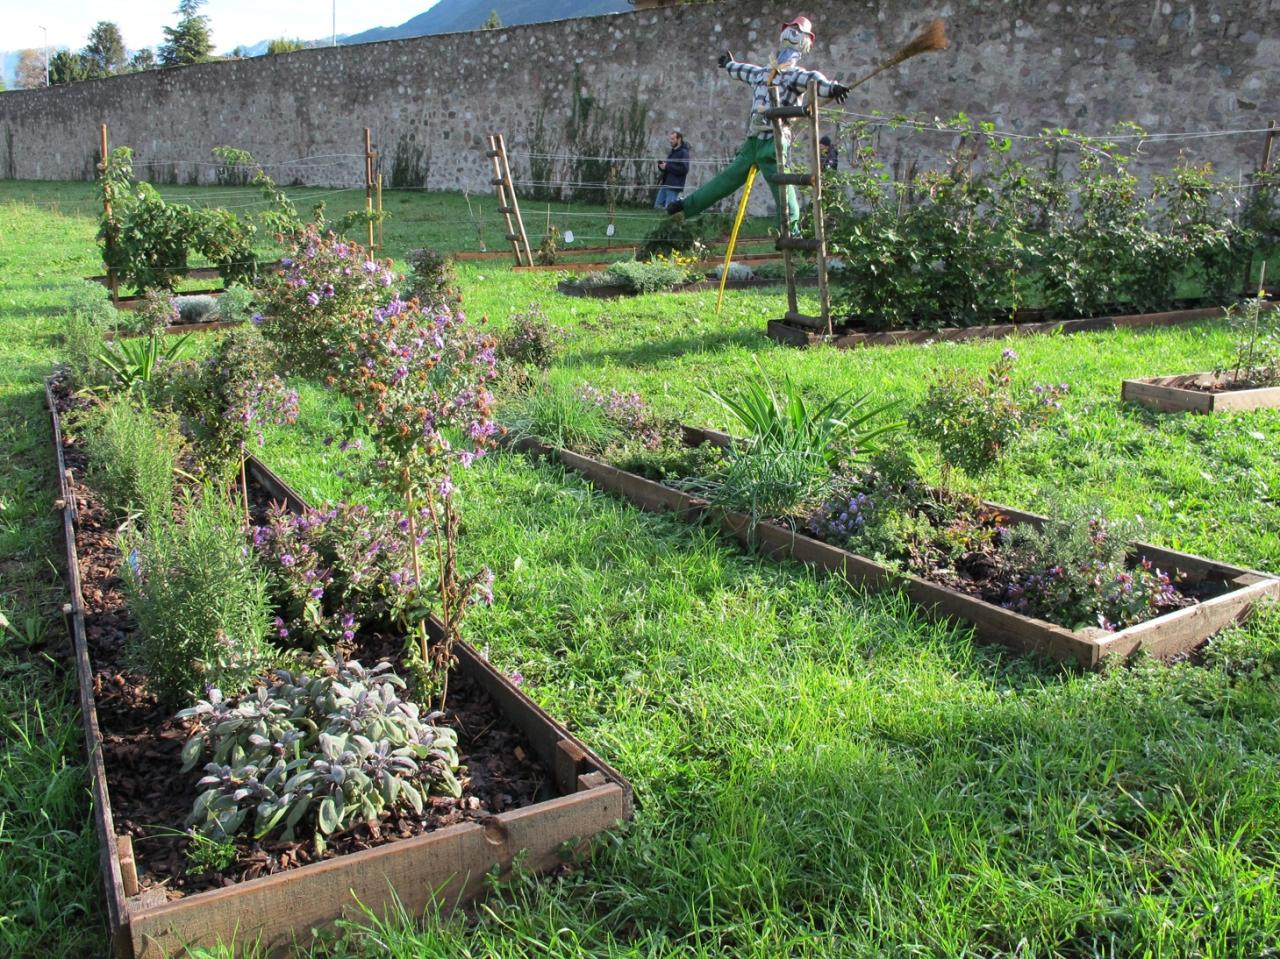 Orto giardino kitchen garden claudia arrighetti for Orto giardino